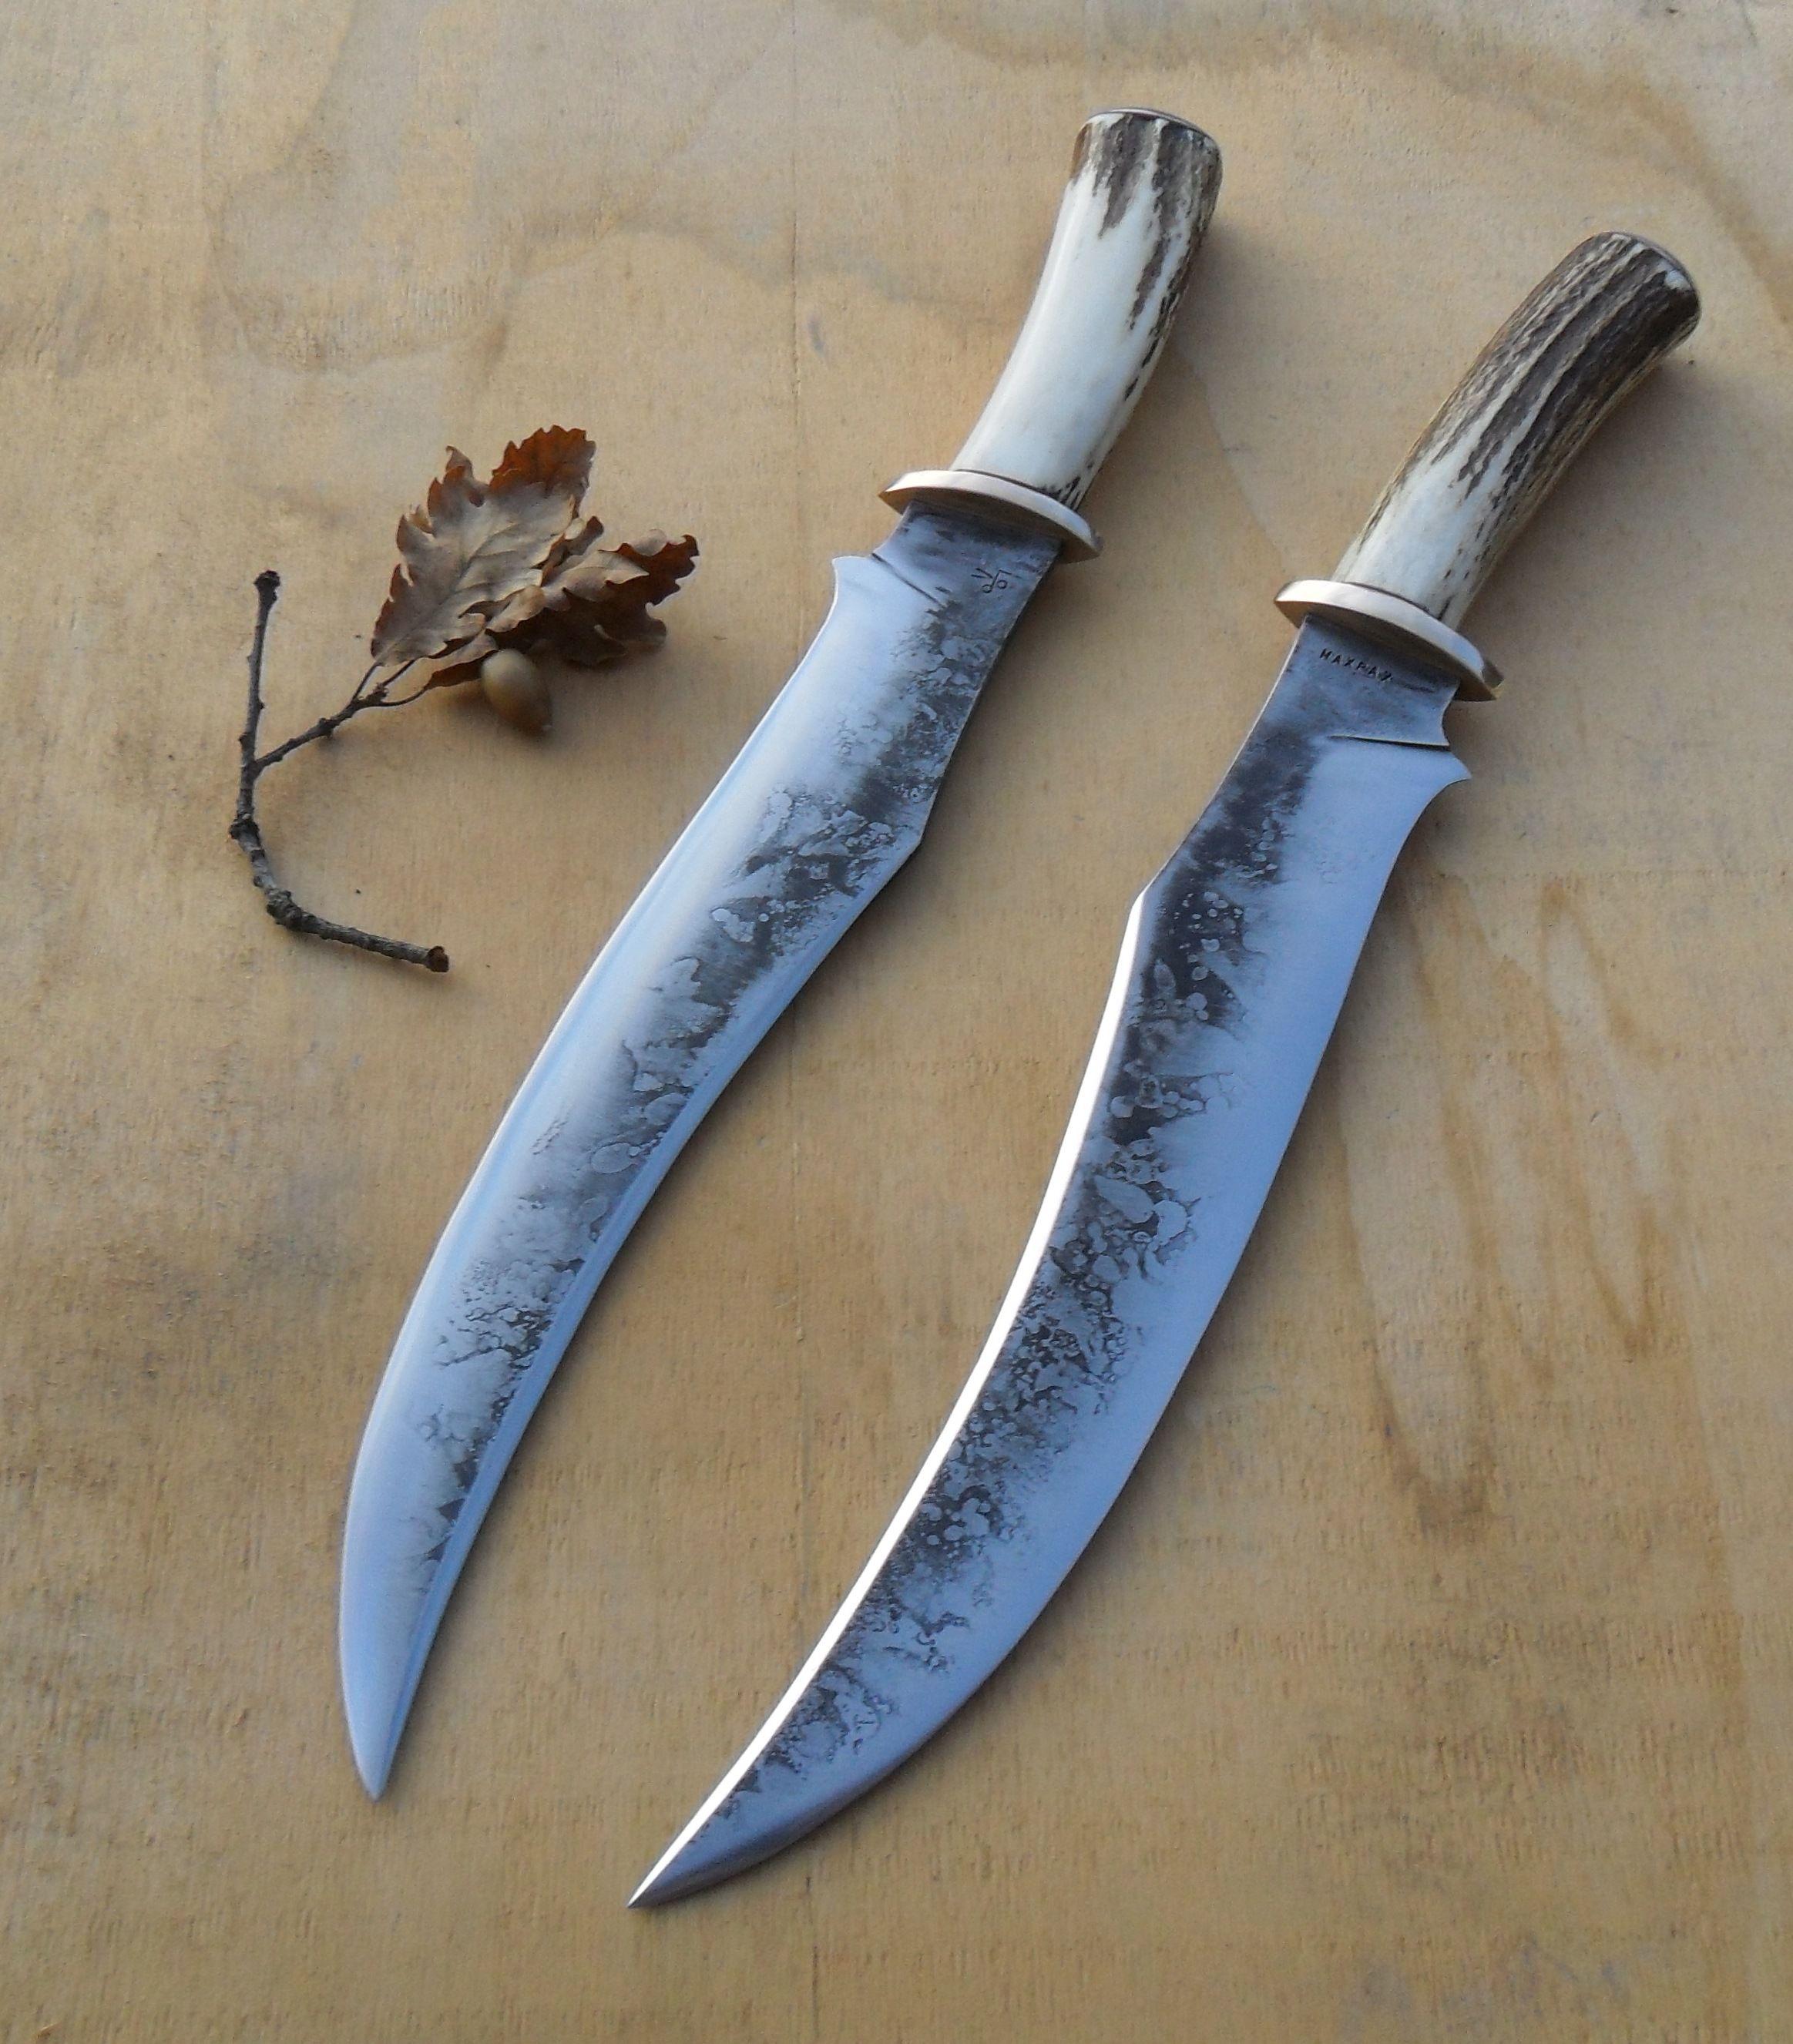 величественное, как в жопу суют нож видео нож нож нож видео останешься доволен